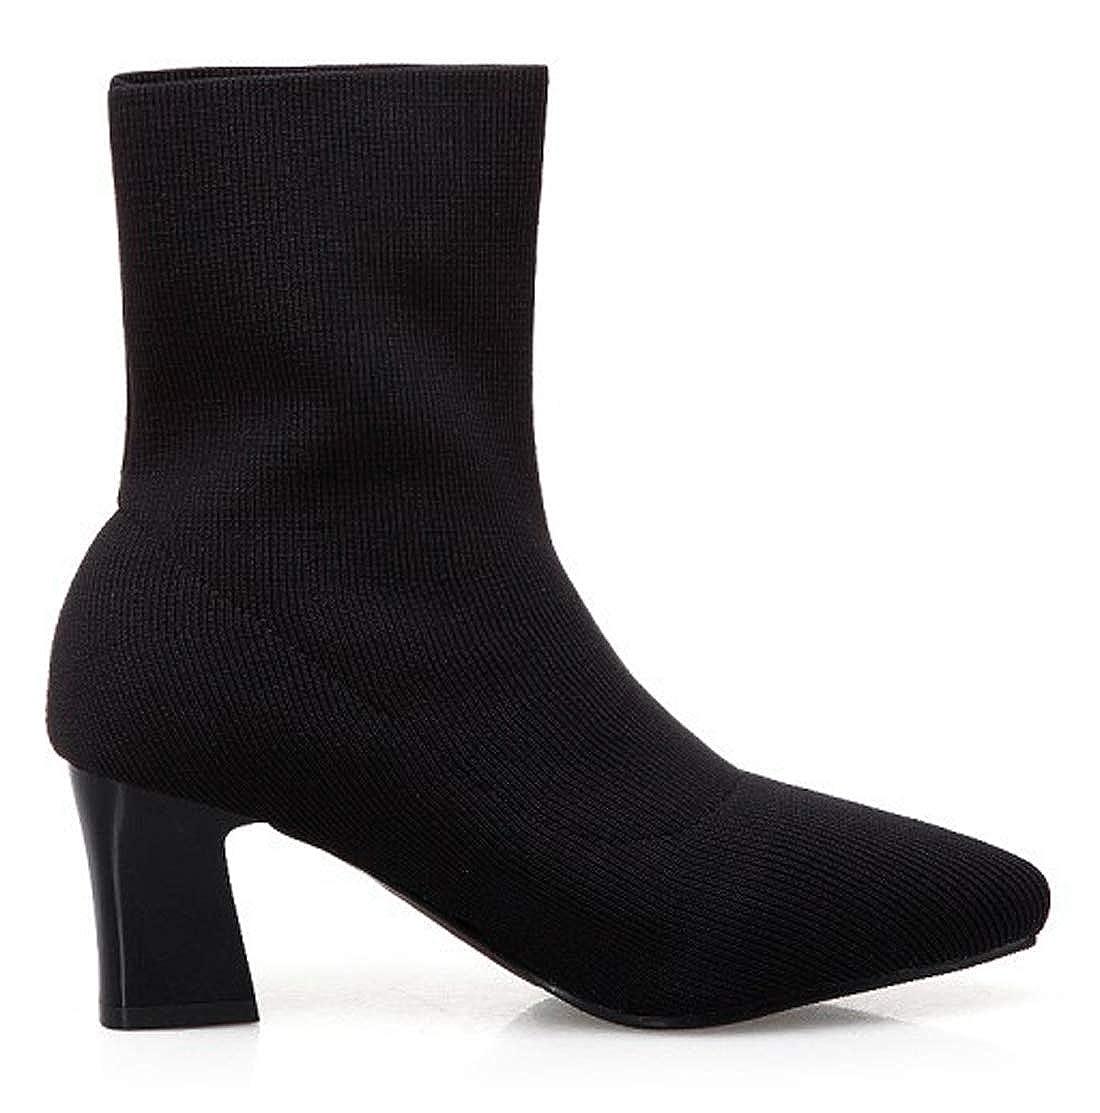 SERAPH SHOES Bottes Chaussettes En Talons Maille Noir Femme,Bottines À Talons En Carré Haut Chaussures BootsB07K5F5GQ7Parent 6a2d6e